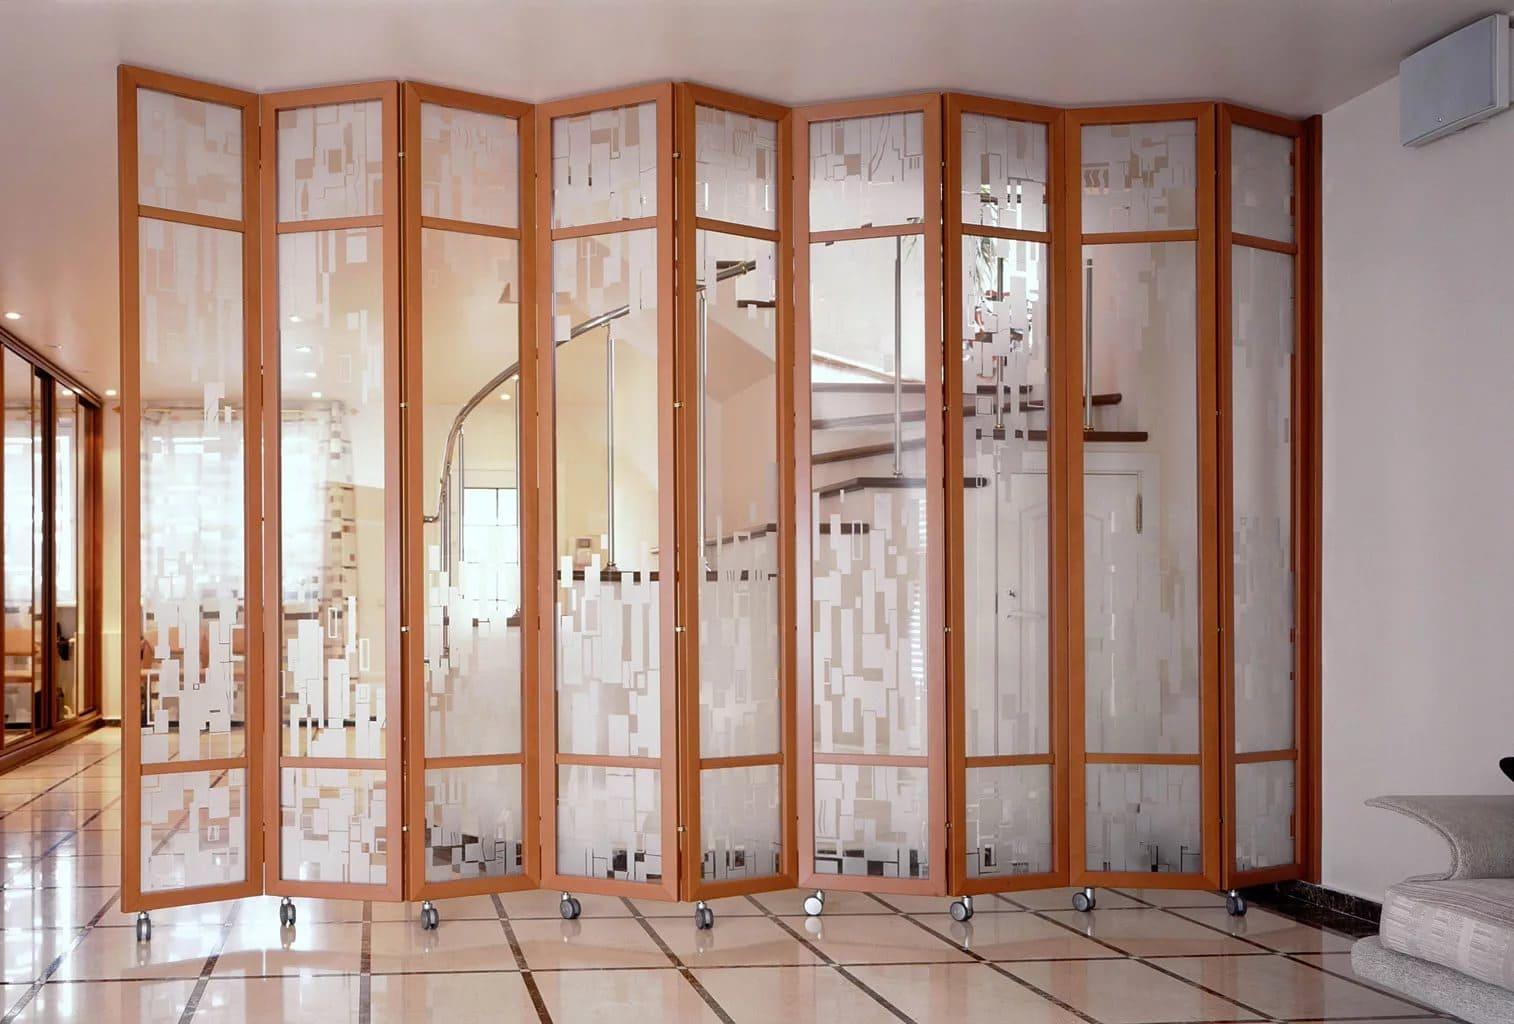 Мобильная перегородка для зонирования комнаты (11 фото)